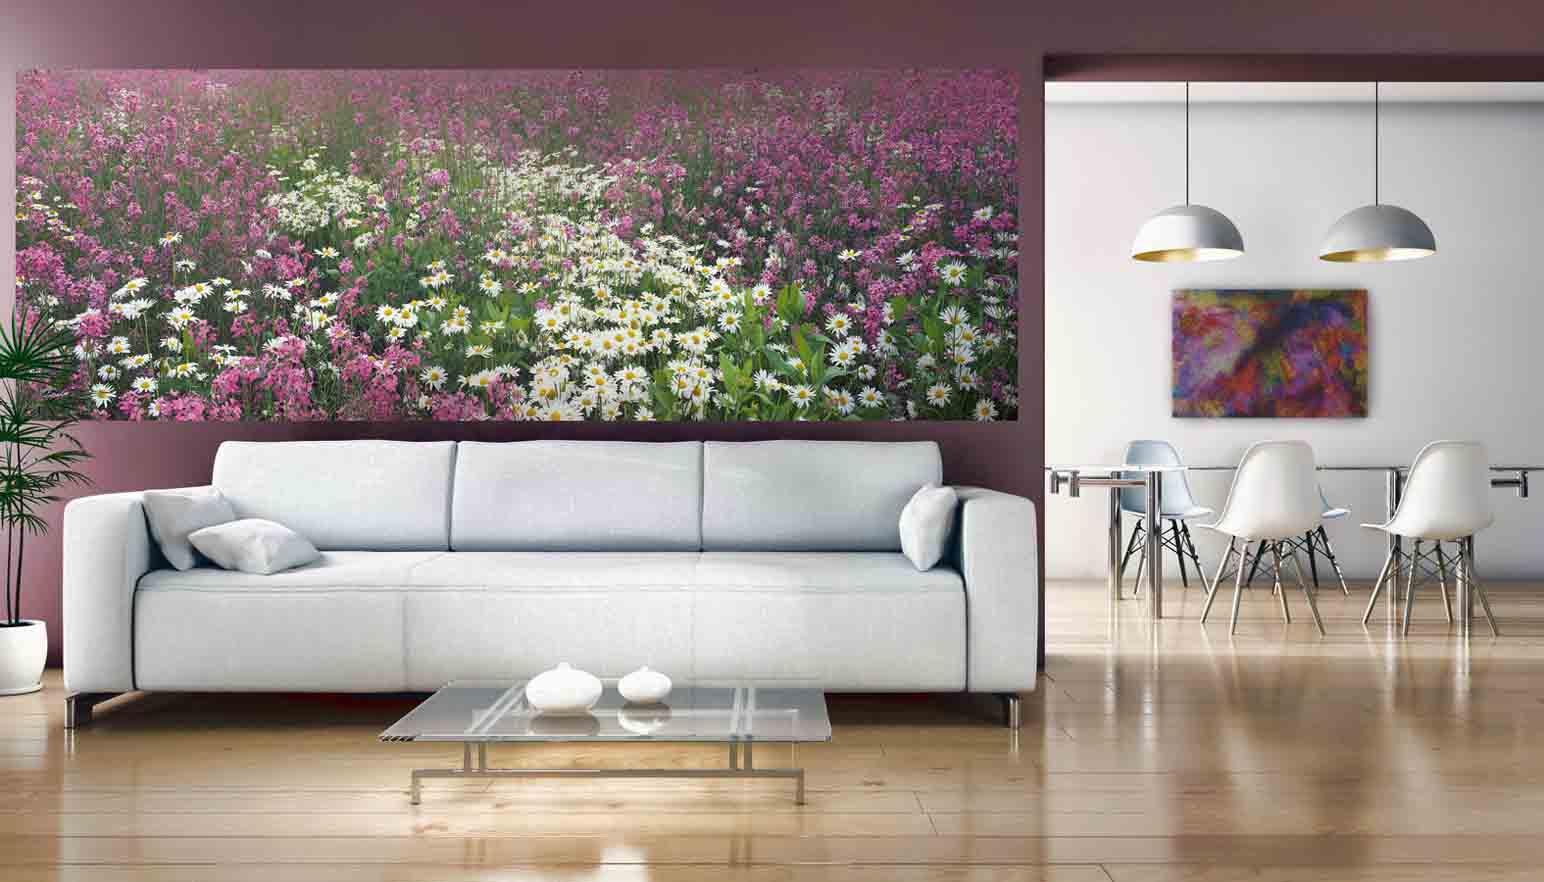 Фотообои с цветочными мотивами – изумительная феерия красок